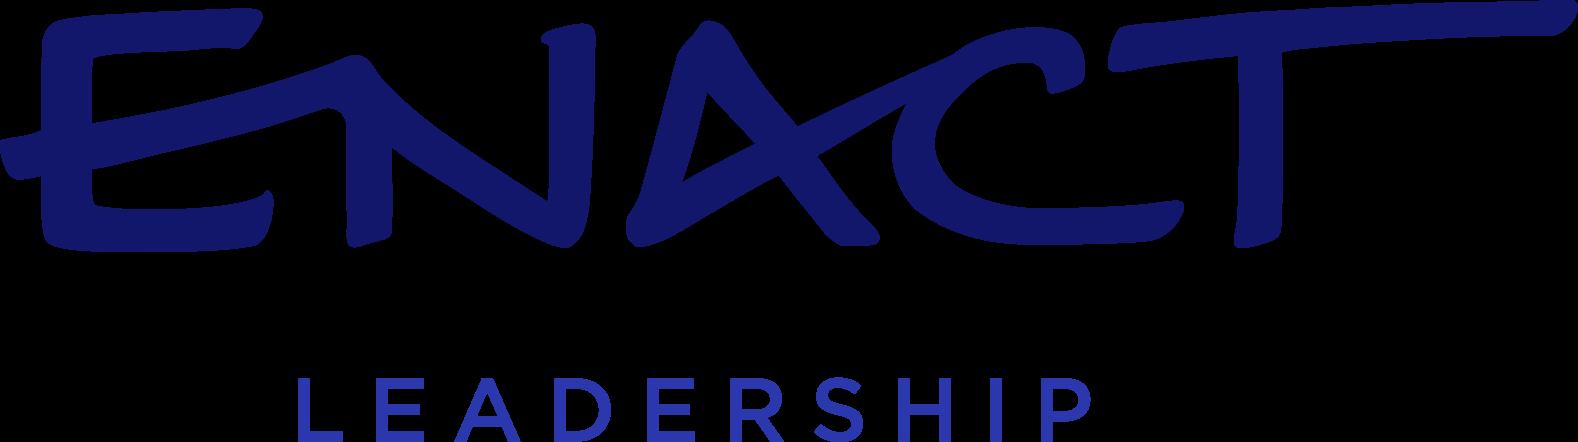 Enact Leadership